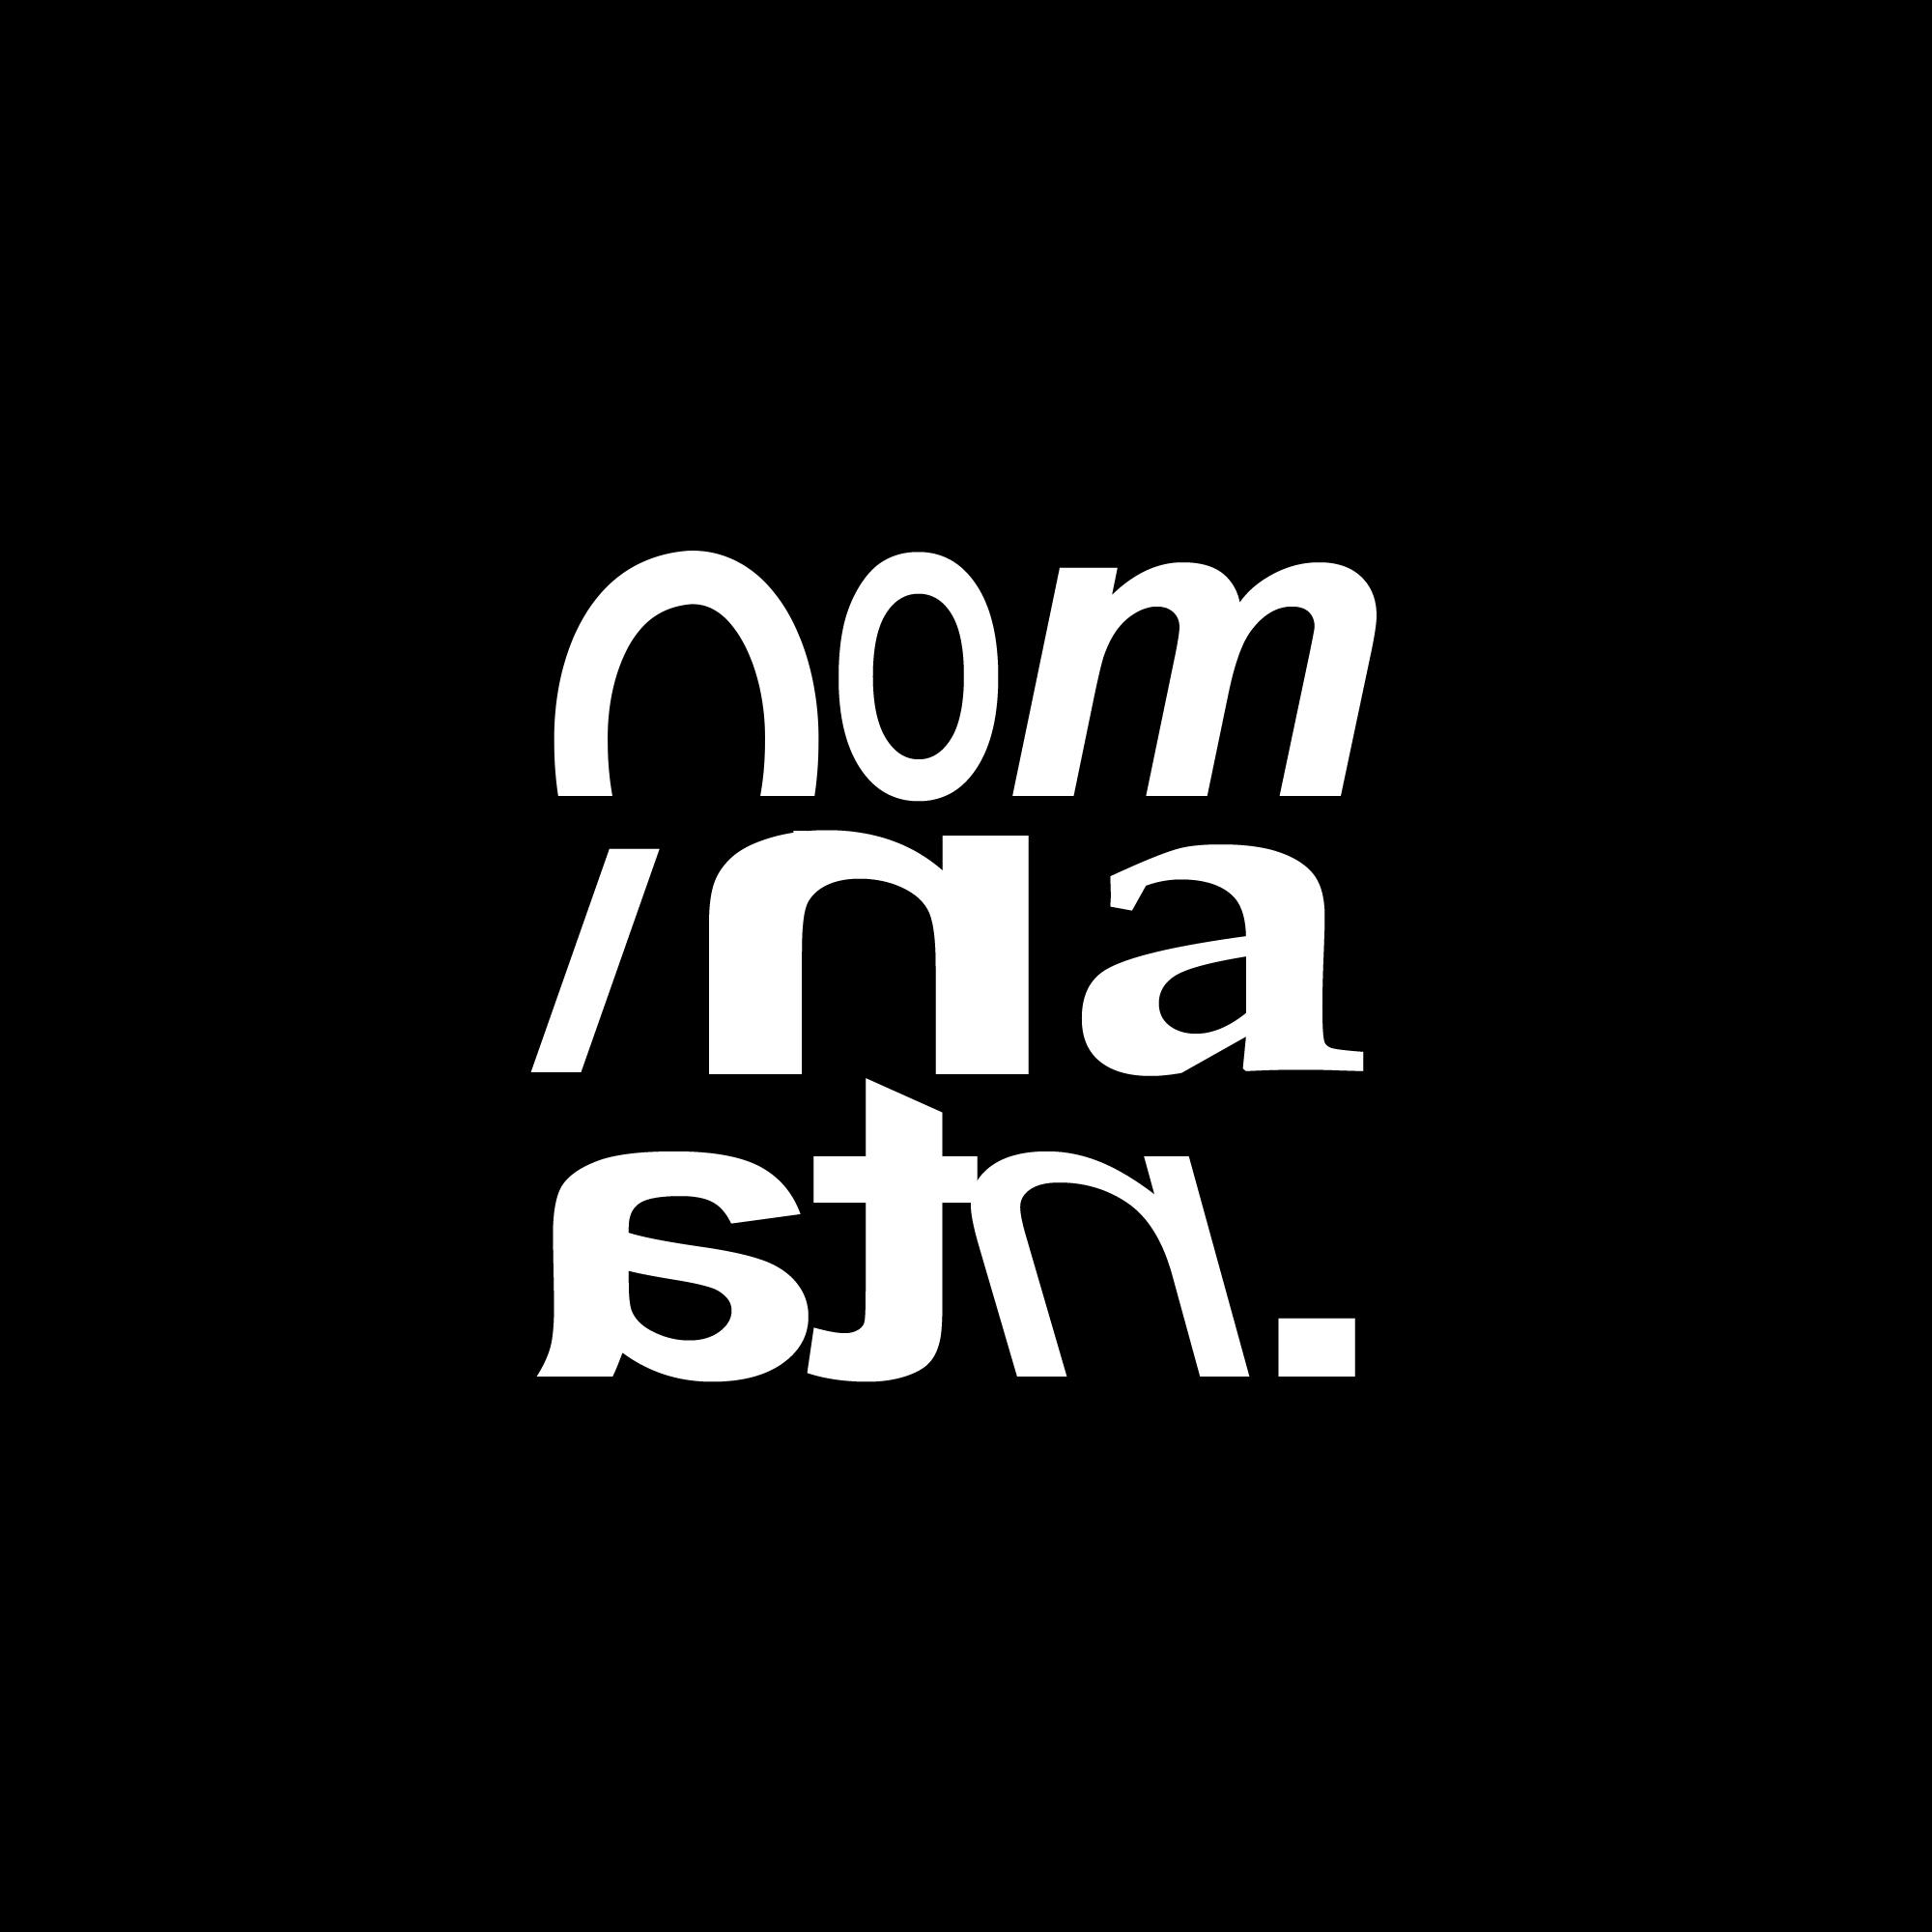 Разработать логотип для КБ по разработке электроники фото f_0885e3edd8adbc6e.png